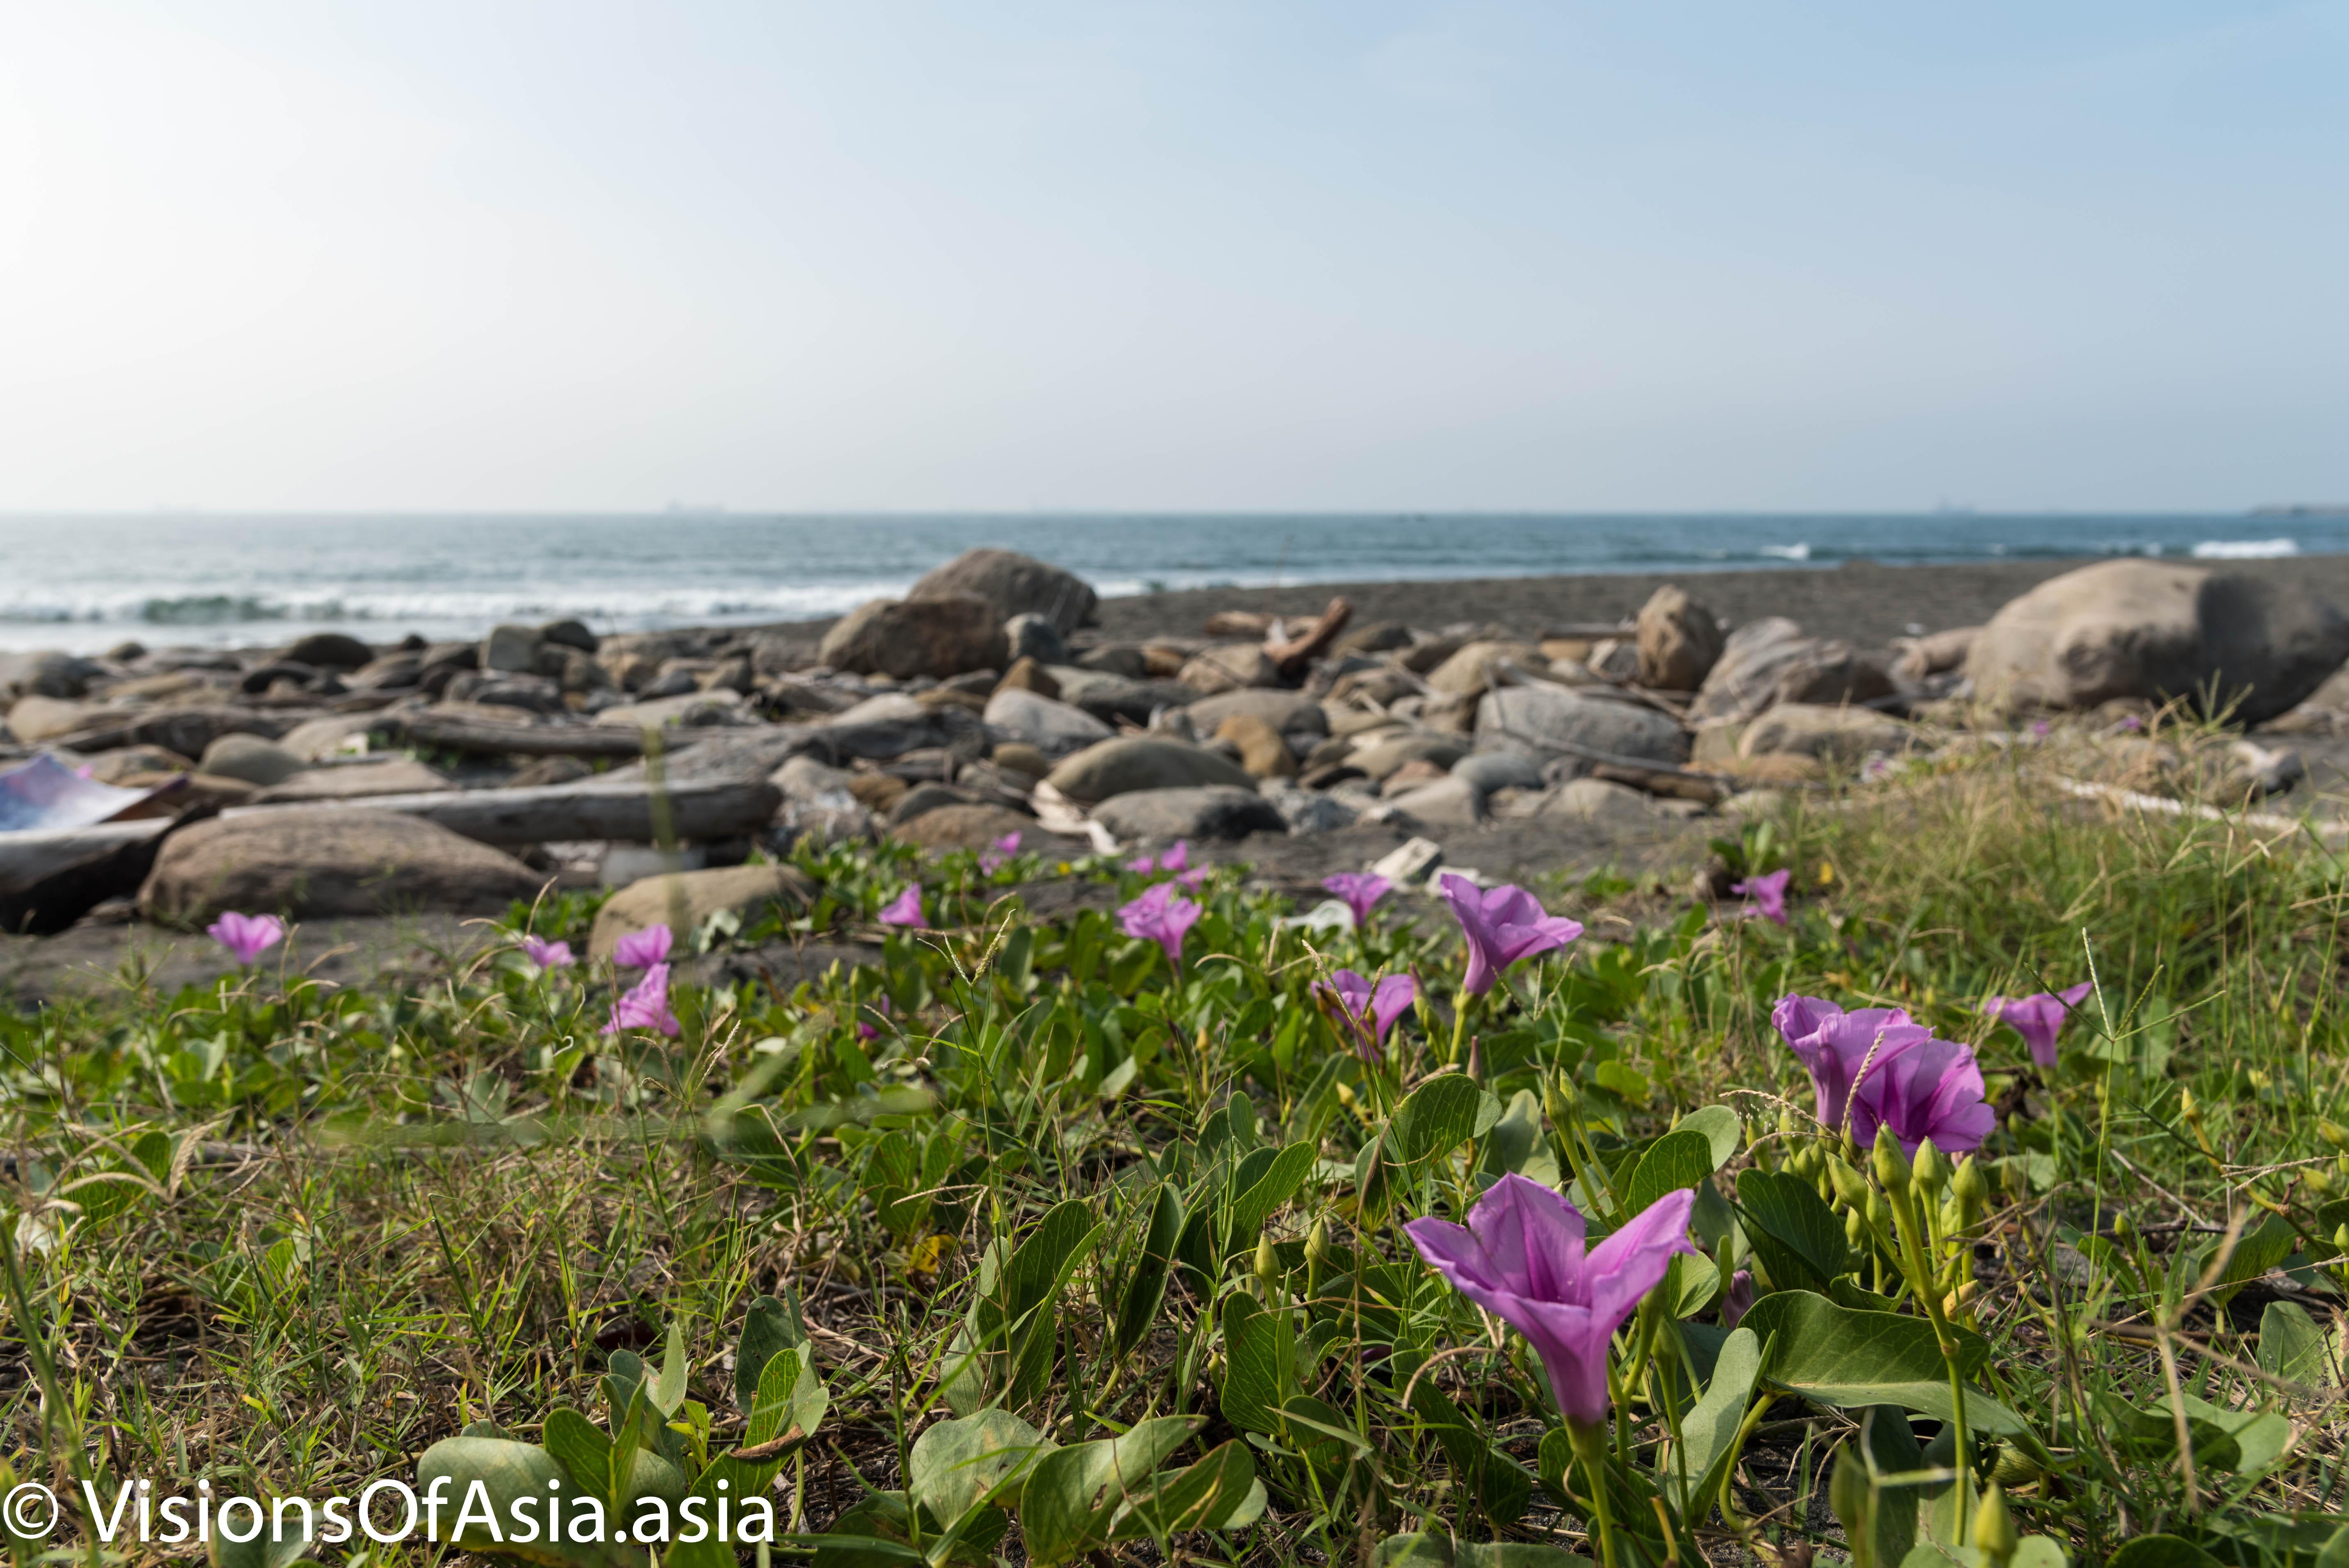 Cijin island beach